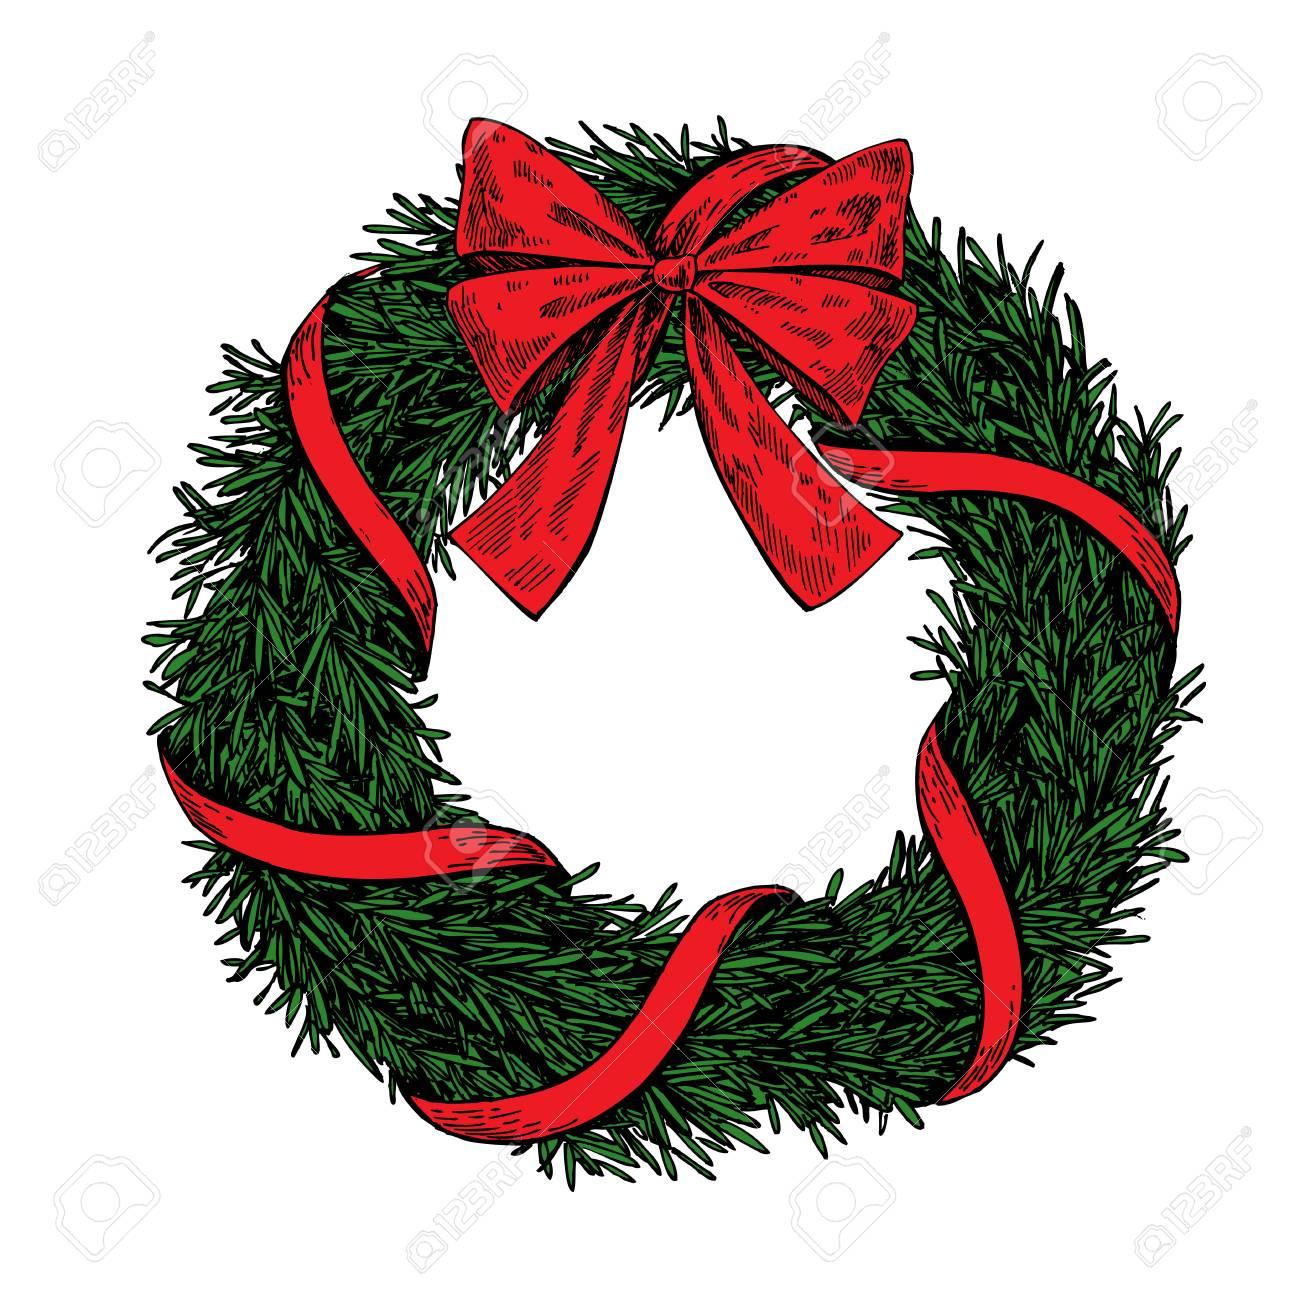 Vector Christmas Wreath Clipart.